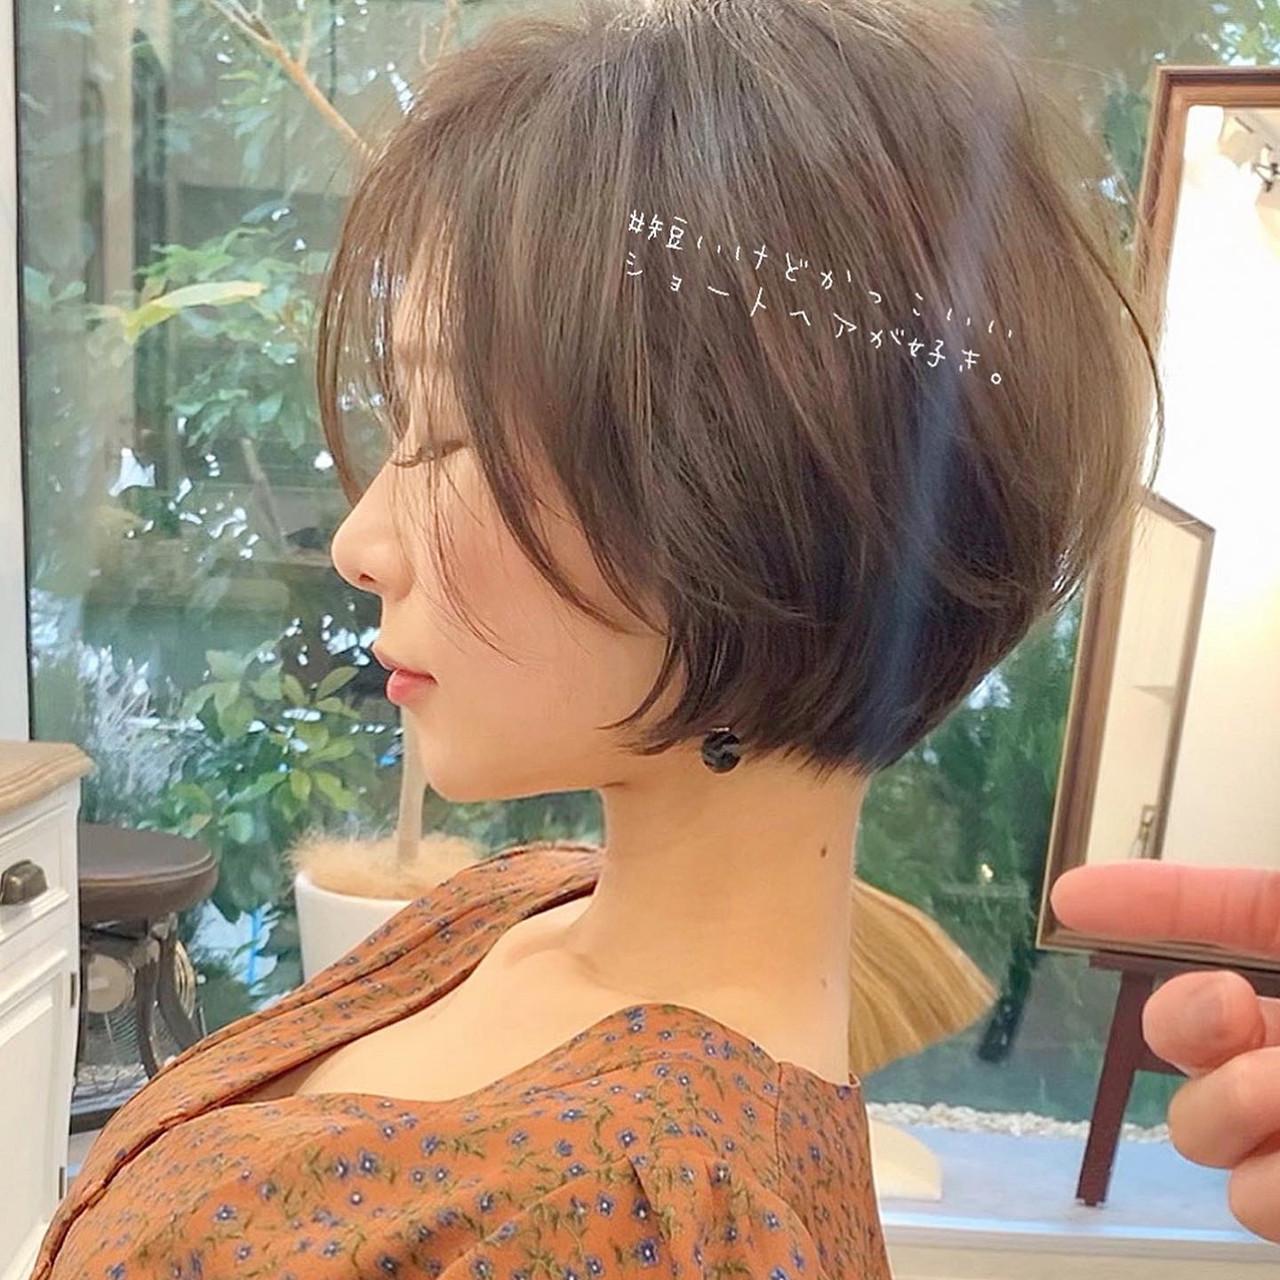 ナチュラル ショートボブ ミニボブ ショート ヘアスタイルや髪型の写真・画像   ショートボブの匠【 山内大成 】『i.hair』 / 『 i. 』 omotesando